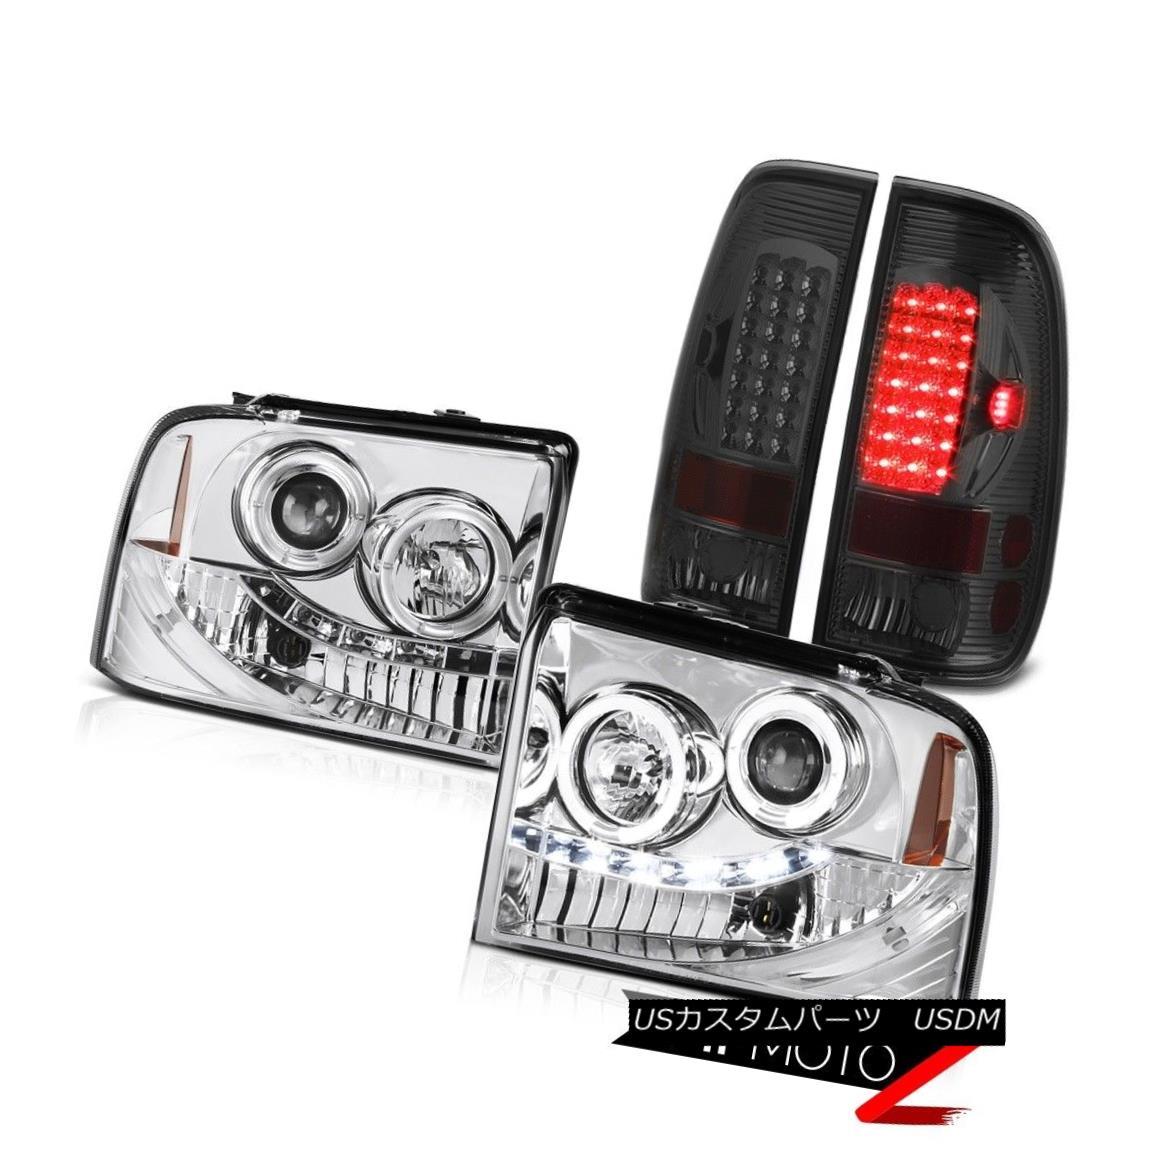 テールライト Twin Halo LED Headlamps Signal Brake Tail Lights Ford F350 TurboDiesel XLT 05-07 ツインハローLEDヘッドランプ信号ブレーキテールライトフォードF350ターボディーゼルXLT 05-07